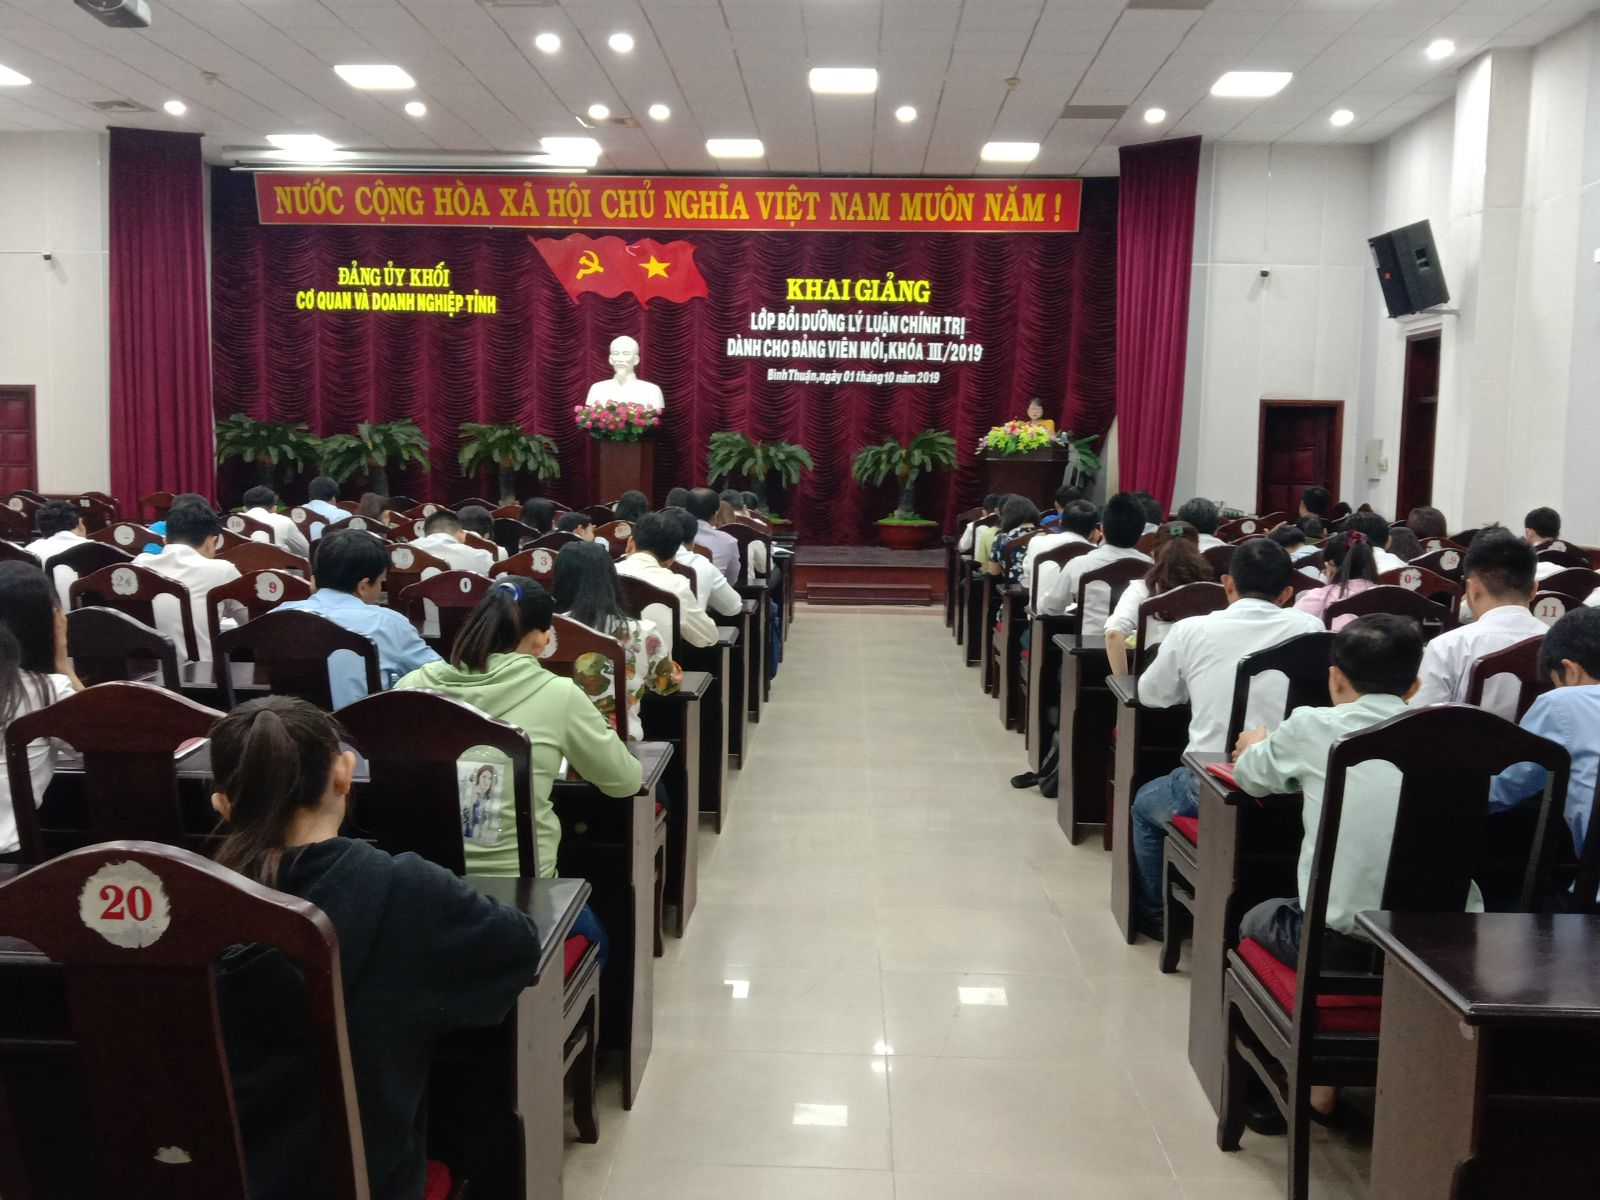 Hình Khai giảng lớp bồi dưỡng Lý luận Chính trị dành cho đảng viên mới khóa III năm 2019